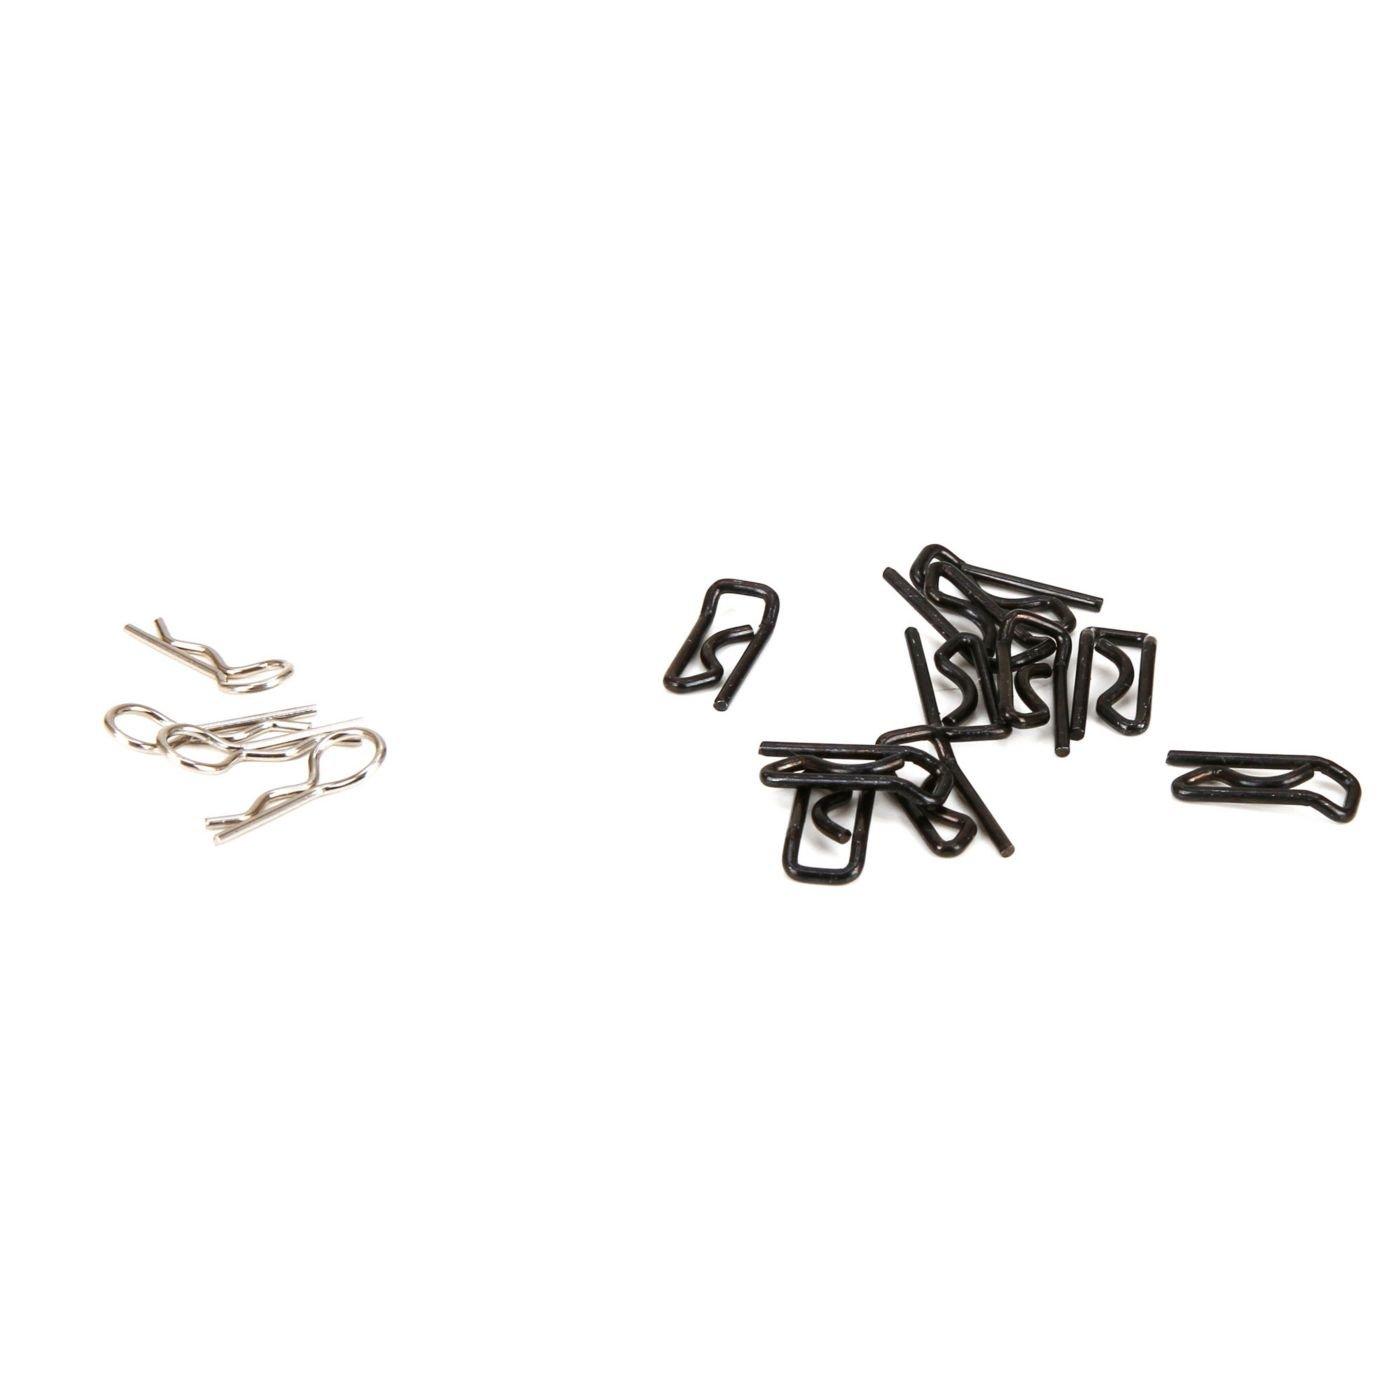 Losi LOS256005 Body Clip Large (10) & Small (4) 1:5 4wd DB XL RC Vehicle Parts Horizon Hobby (US)